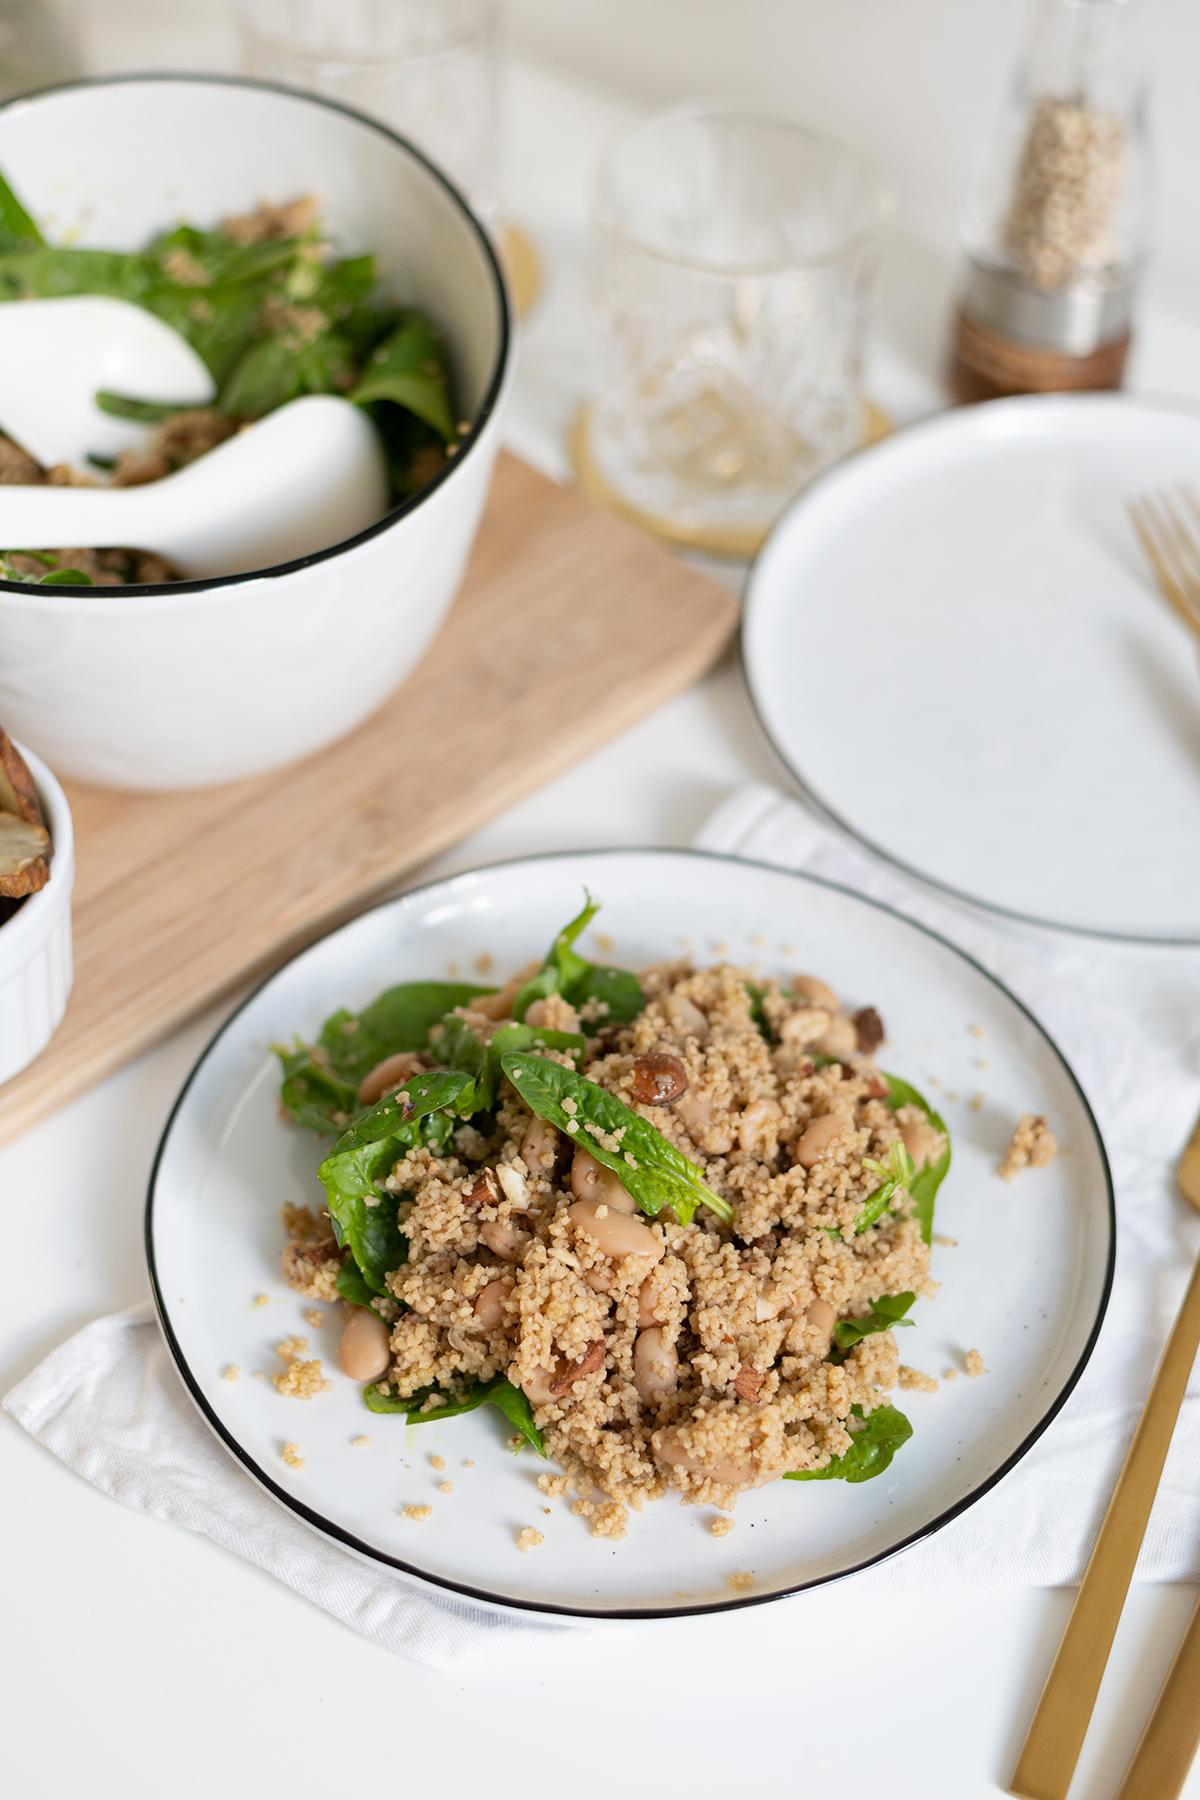 Couscous-Spinat-Salat selber machen | we love handmade